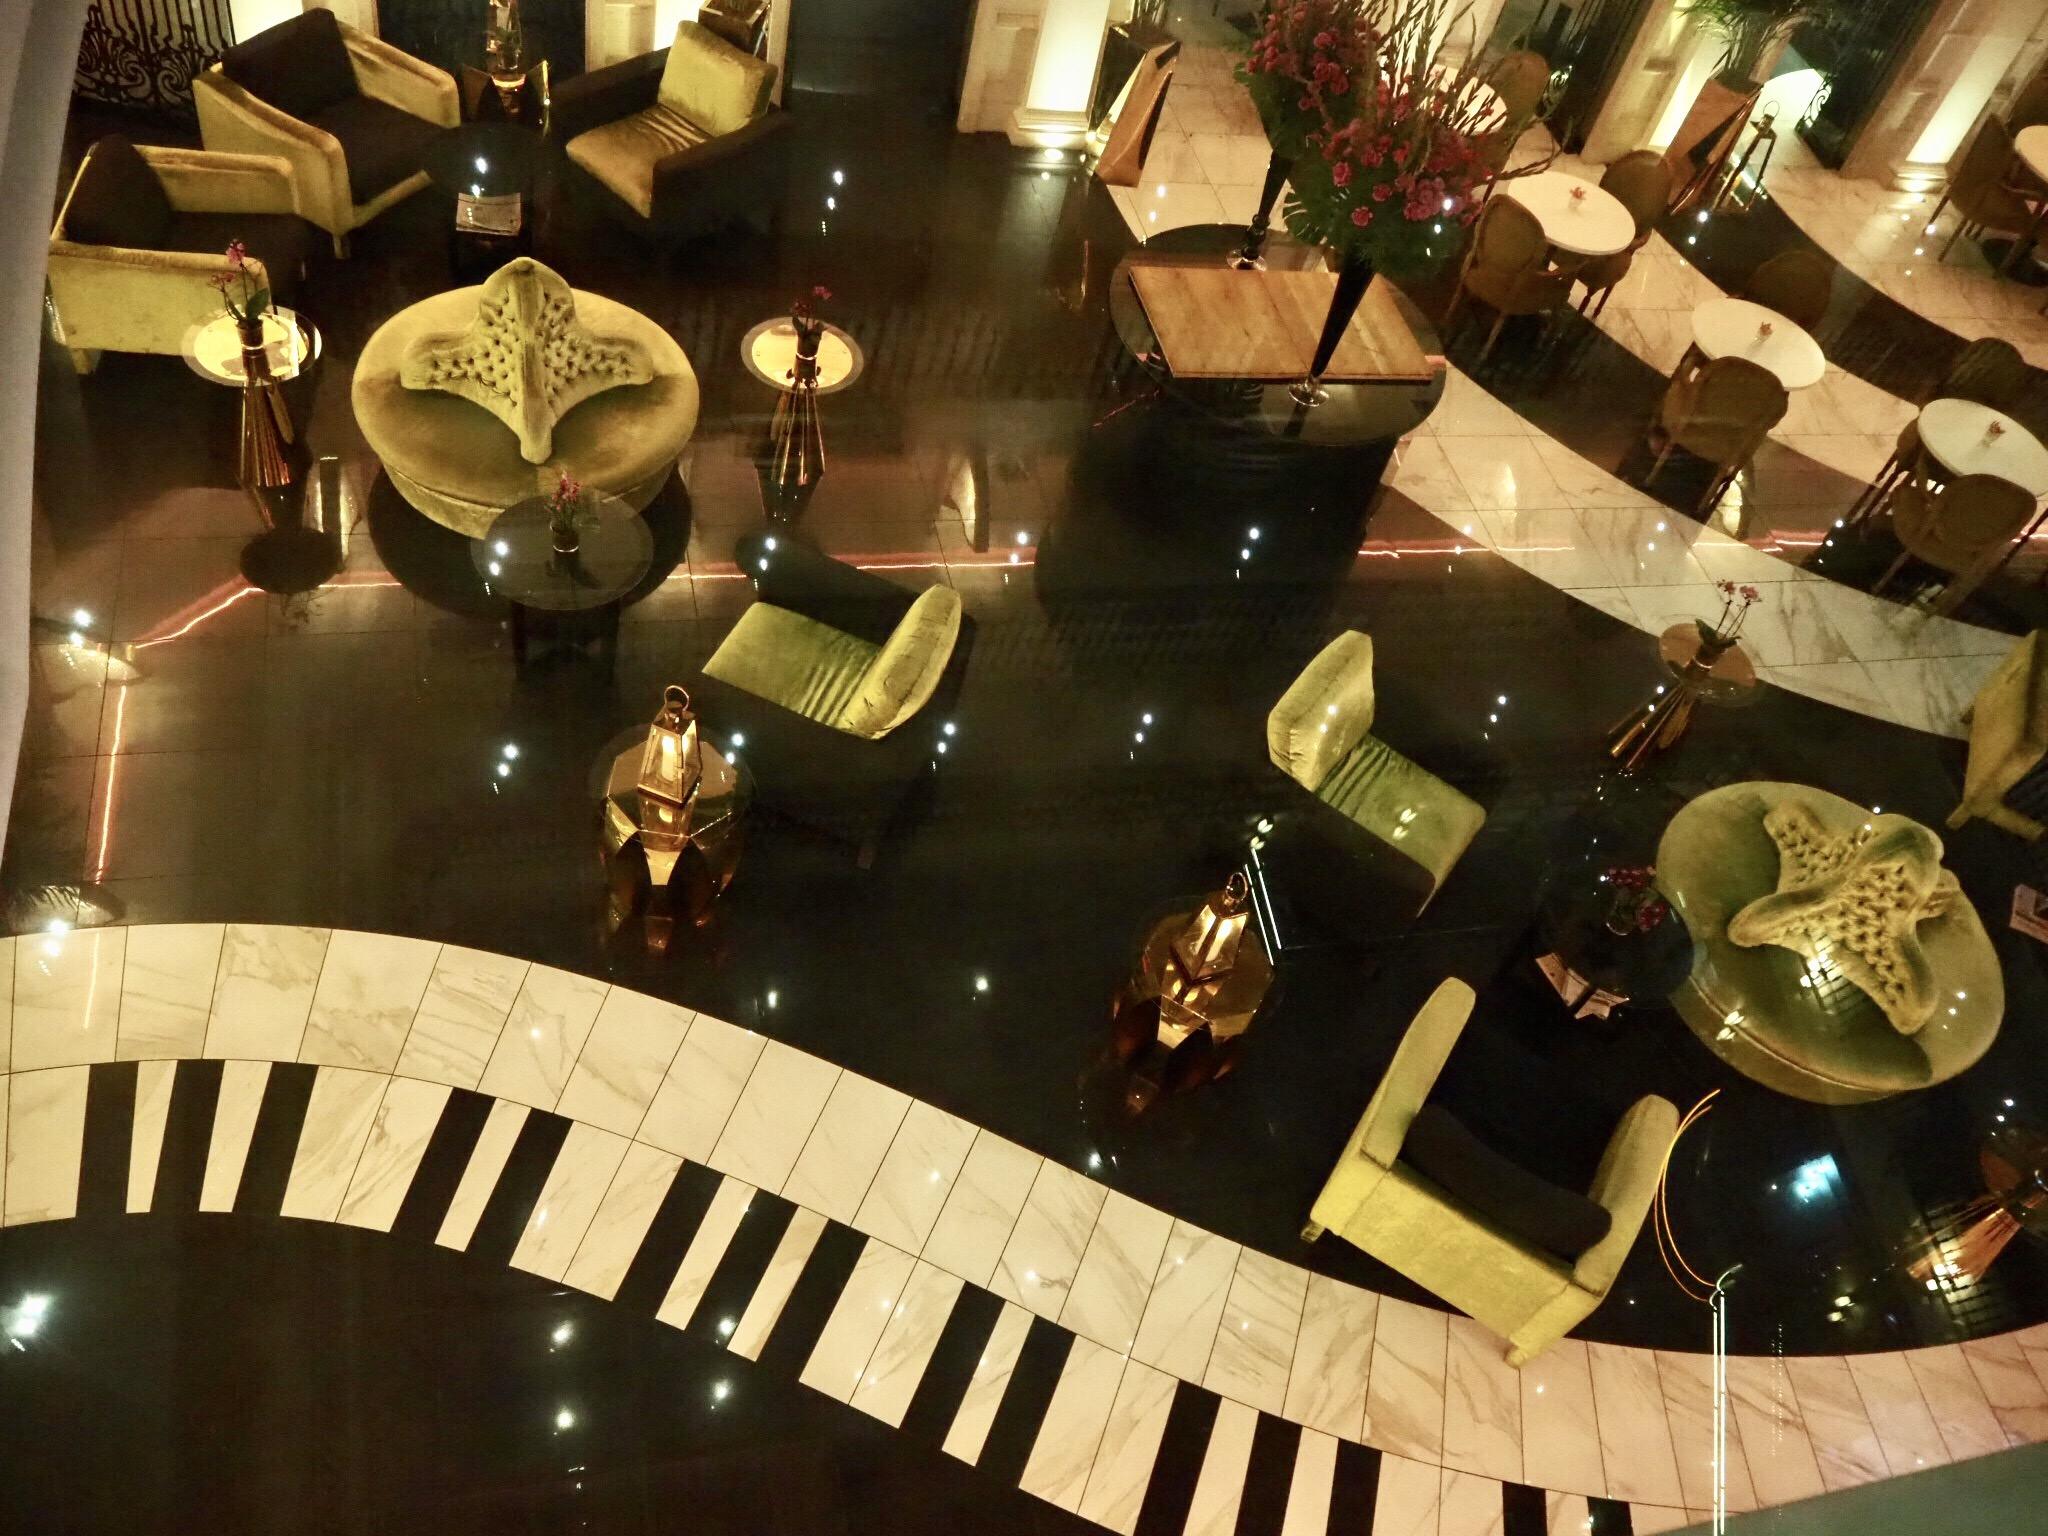 img 4457 - Aria Hotel Budapest - 音楽に囲まれて過ごすブダペストのラグジュアリーブティックホテルの魅力